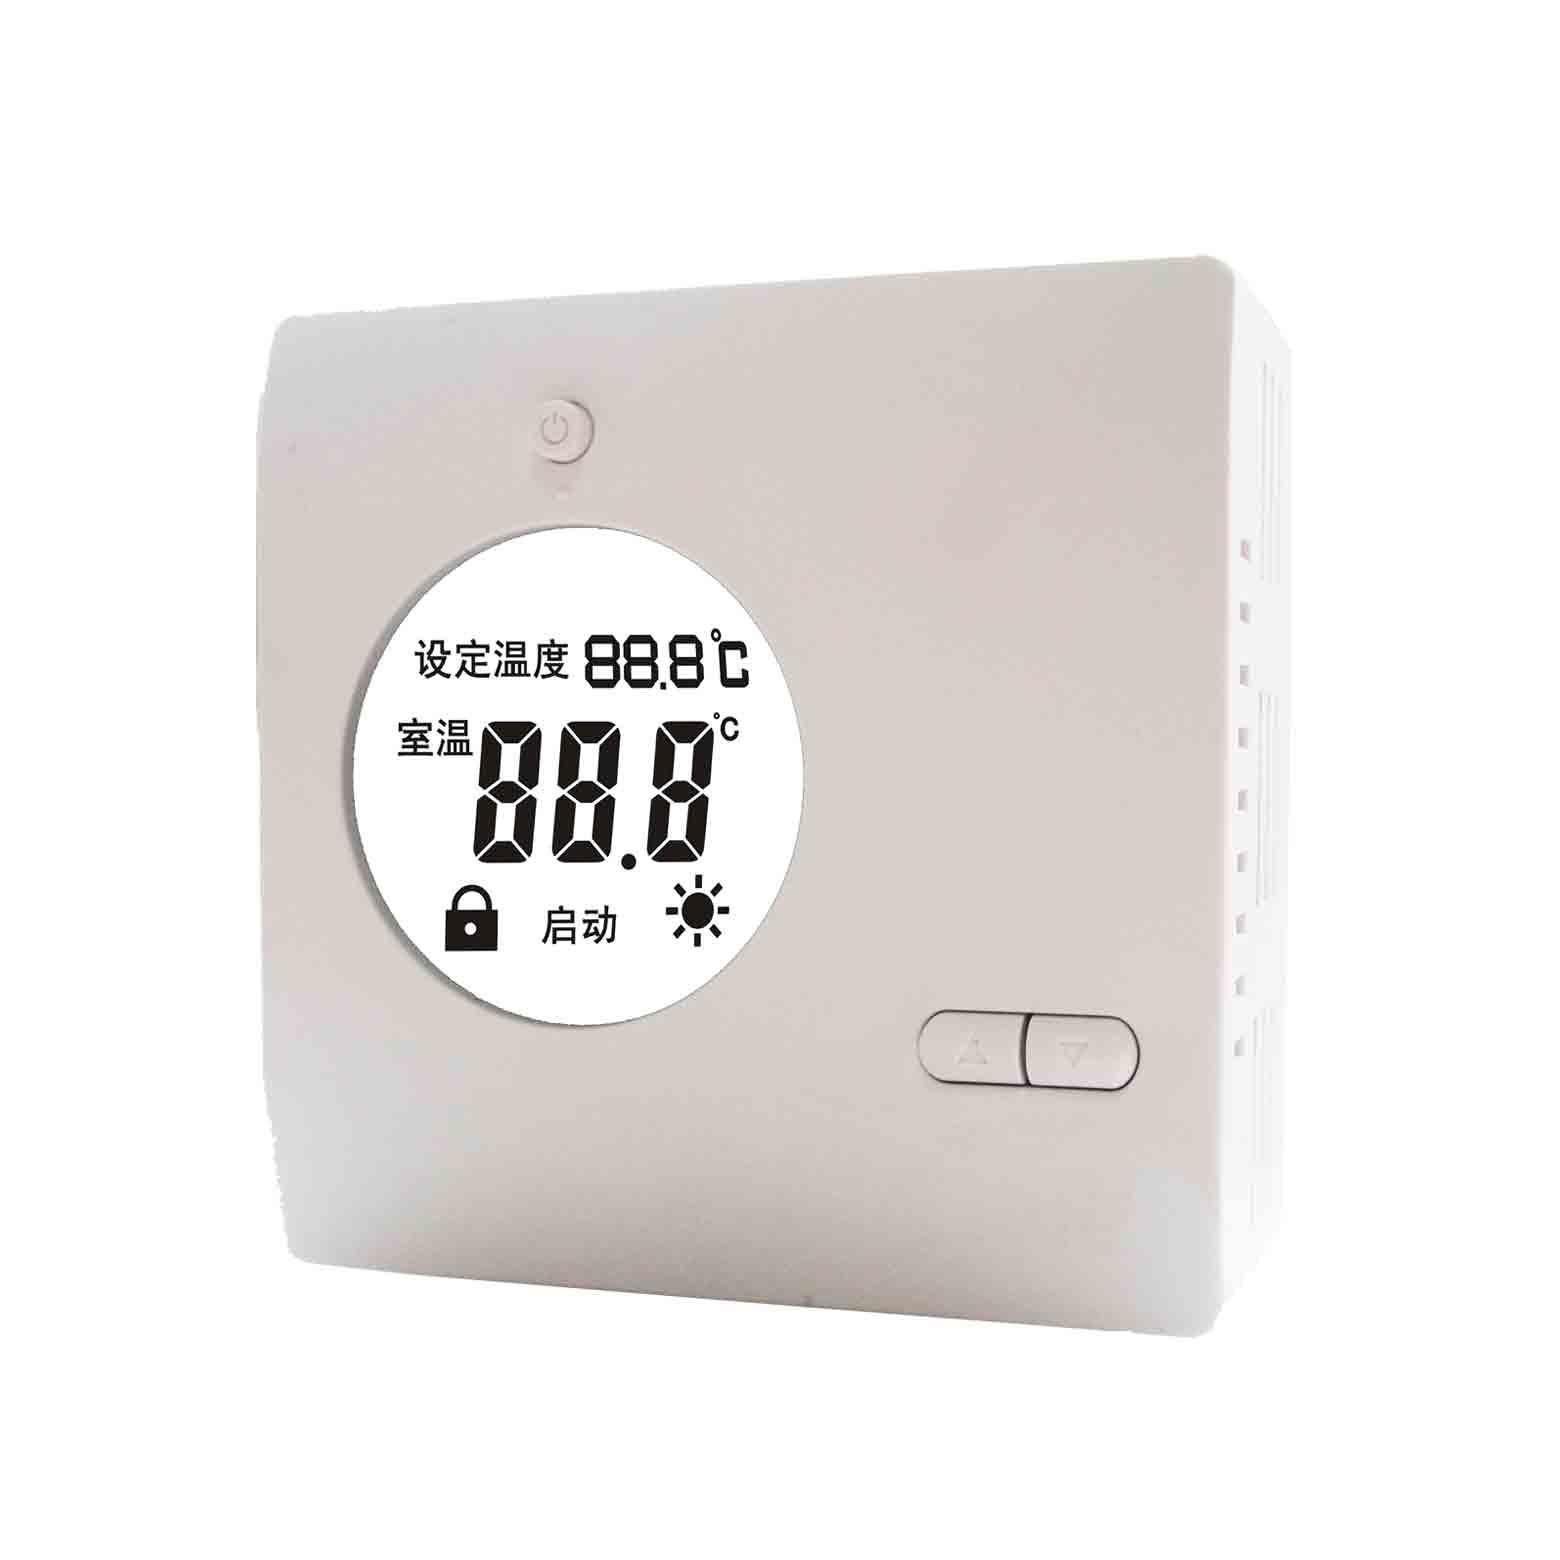 DX02智能明盒液晶采暖溫控器